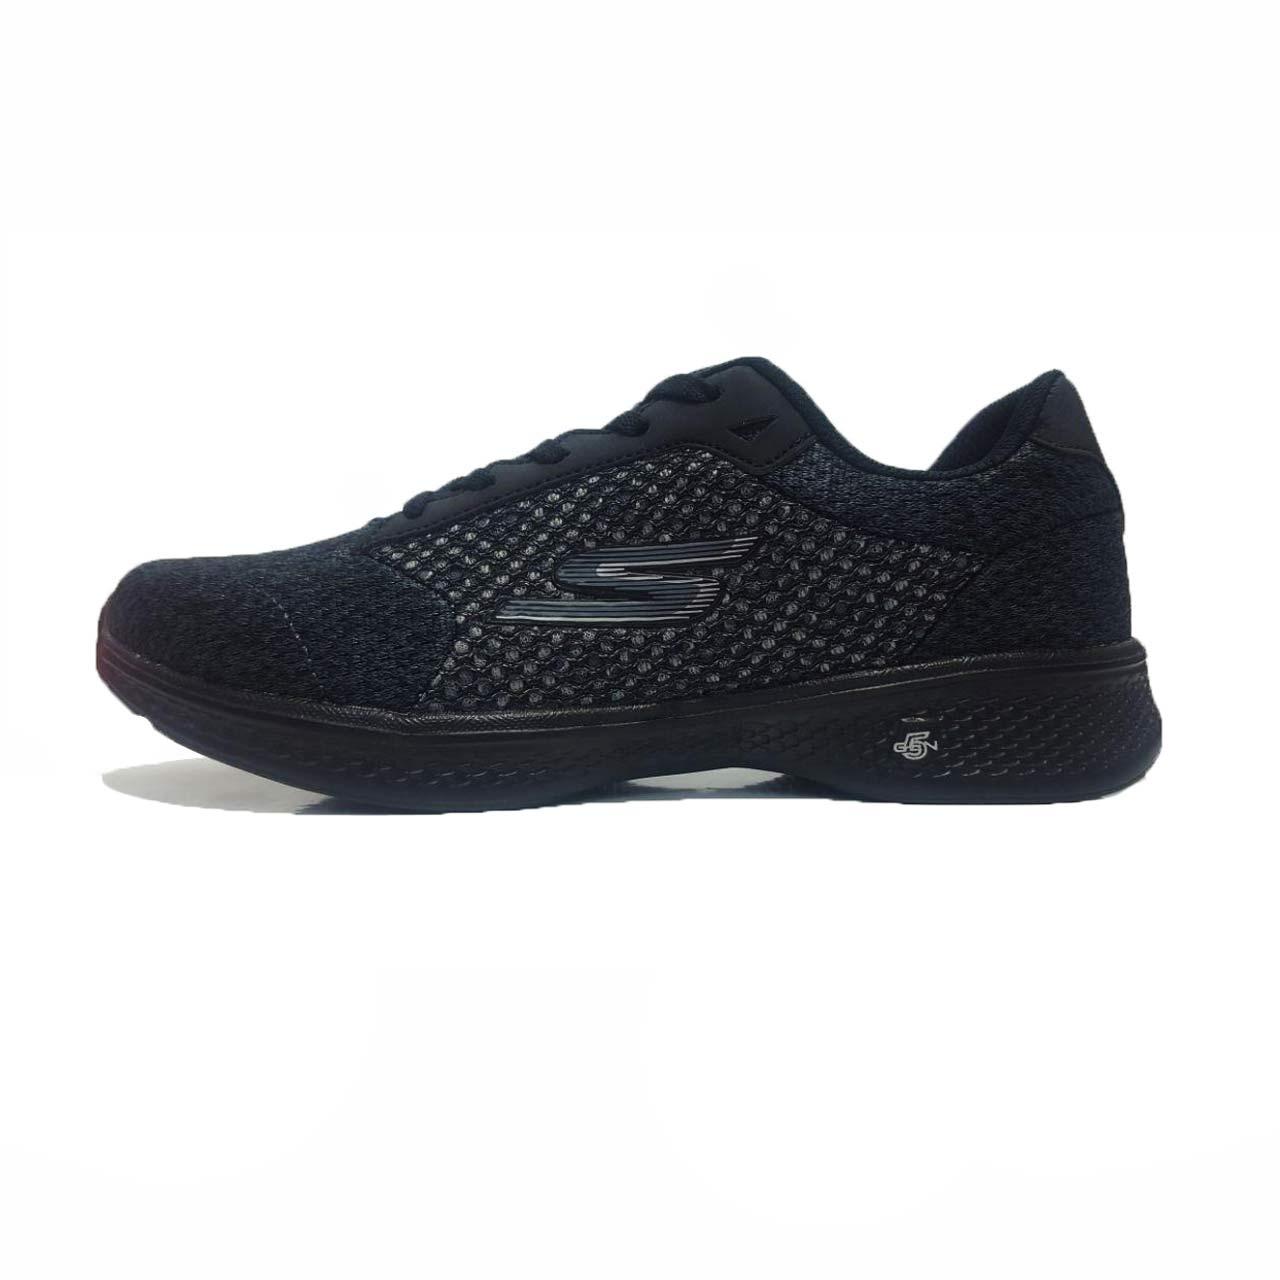 کفش مخصوص پیاده روی زنانه اسکچرز مدل Go Walk 4  BLAK/ GRY